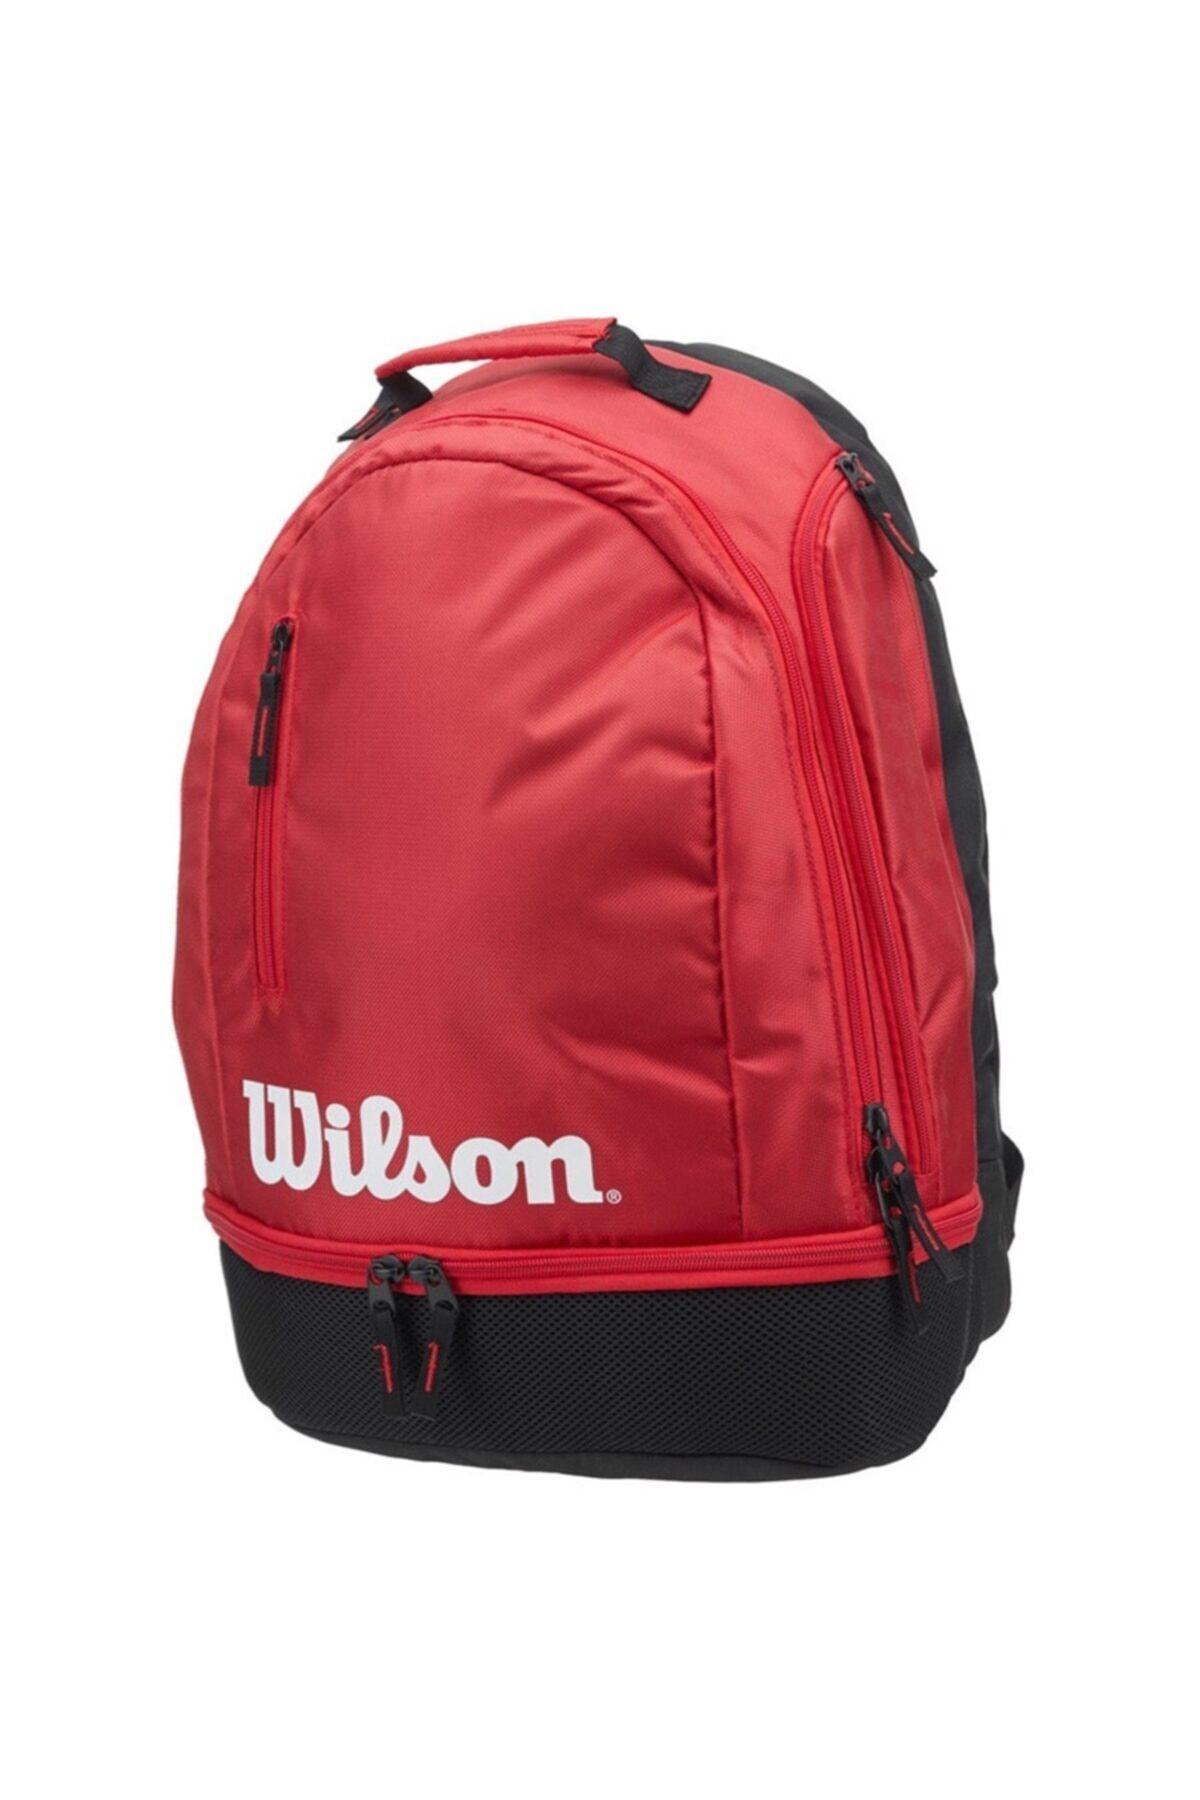 Wilson Tenis Raket Sırt Çantası Team Kırmızı 1